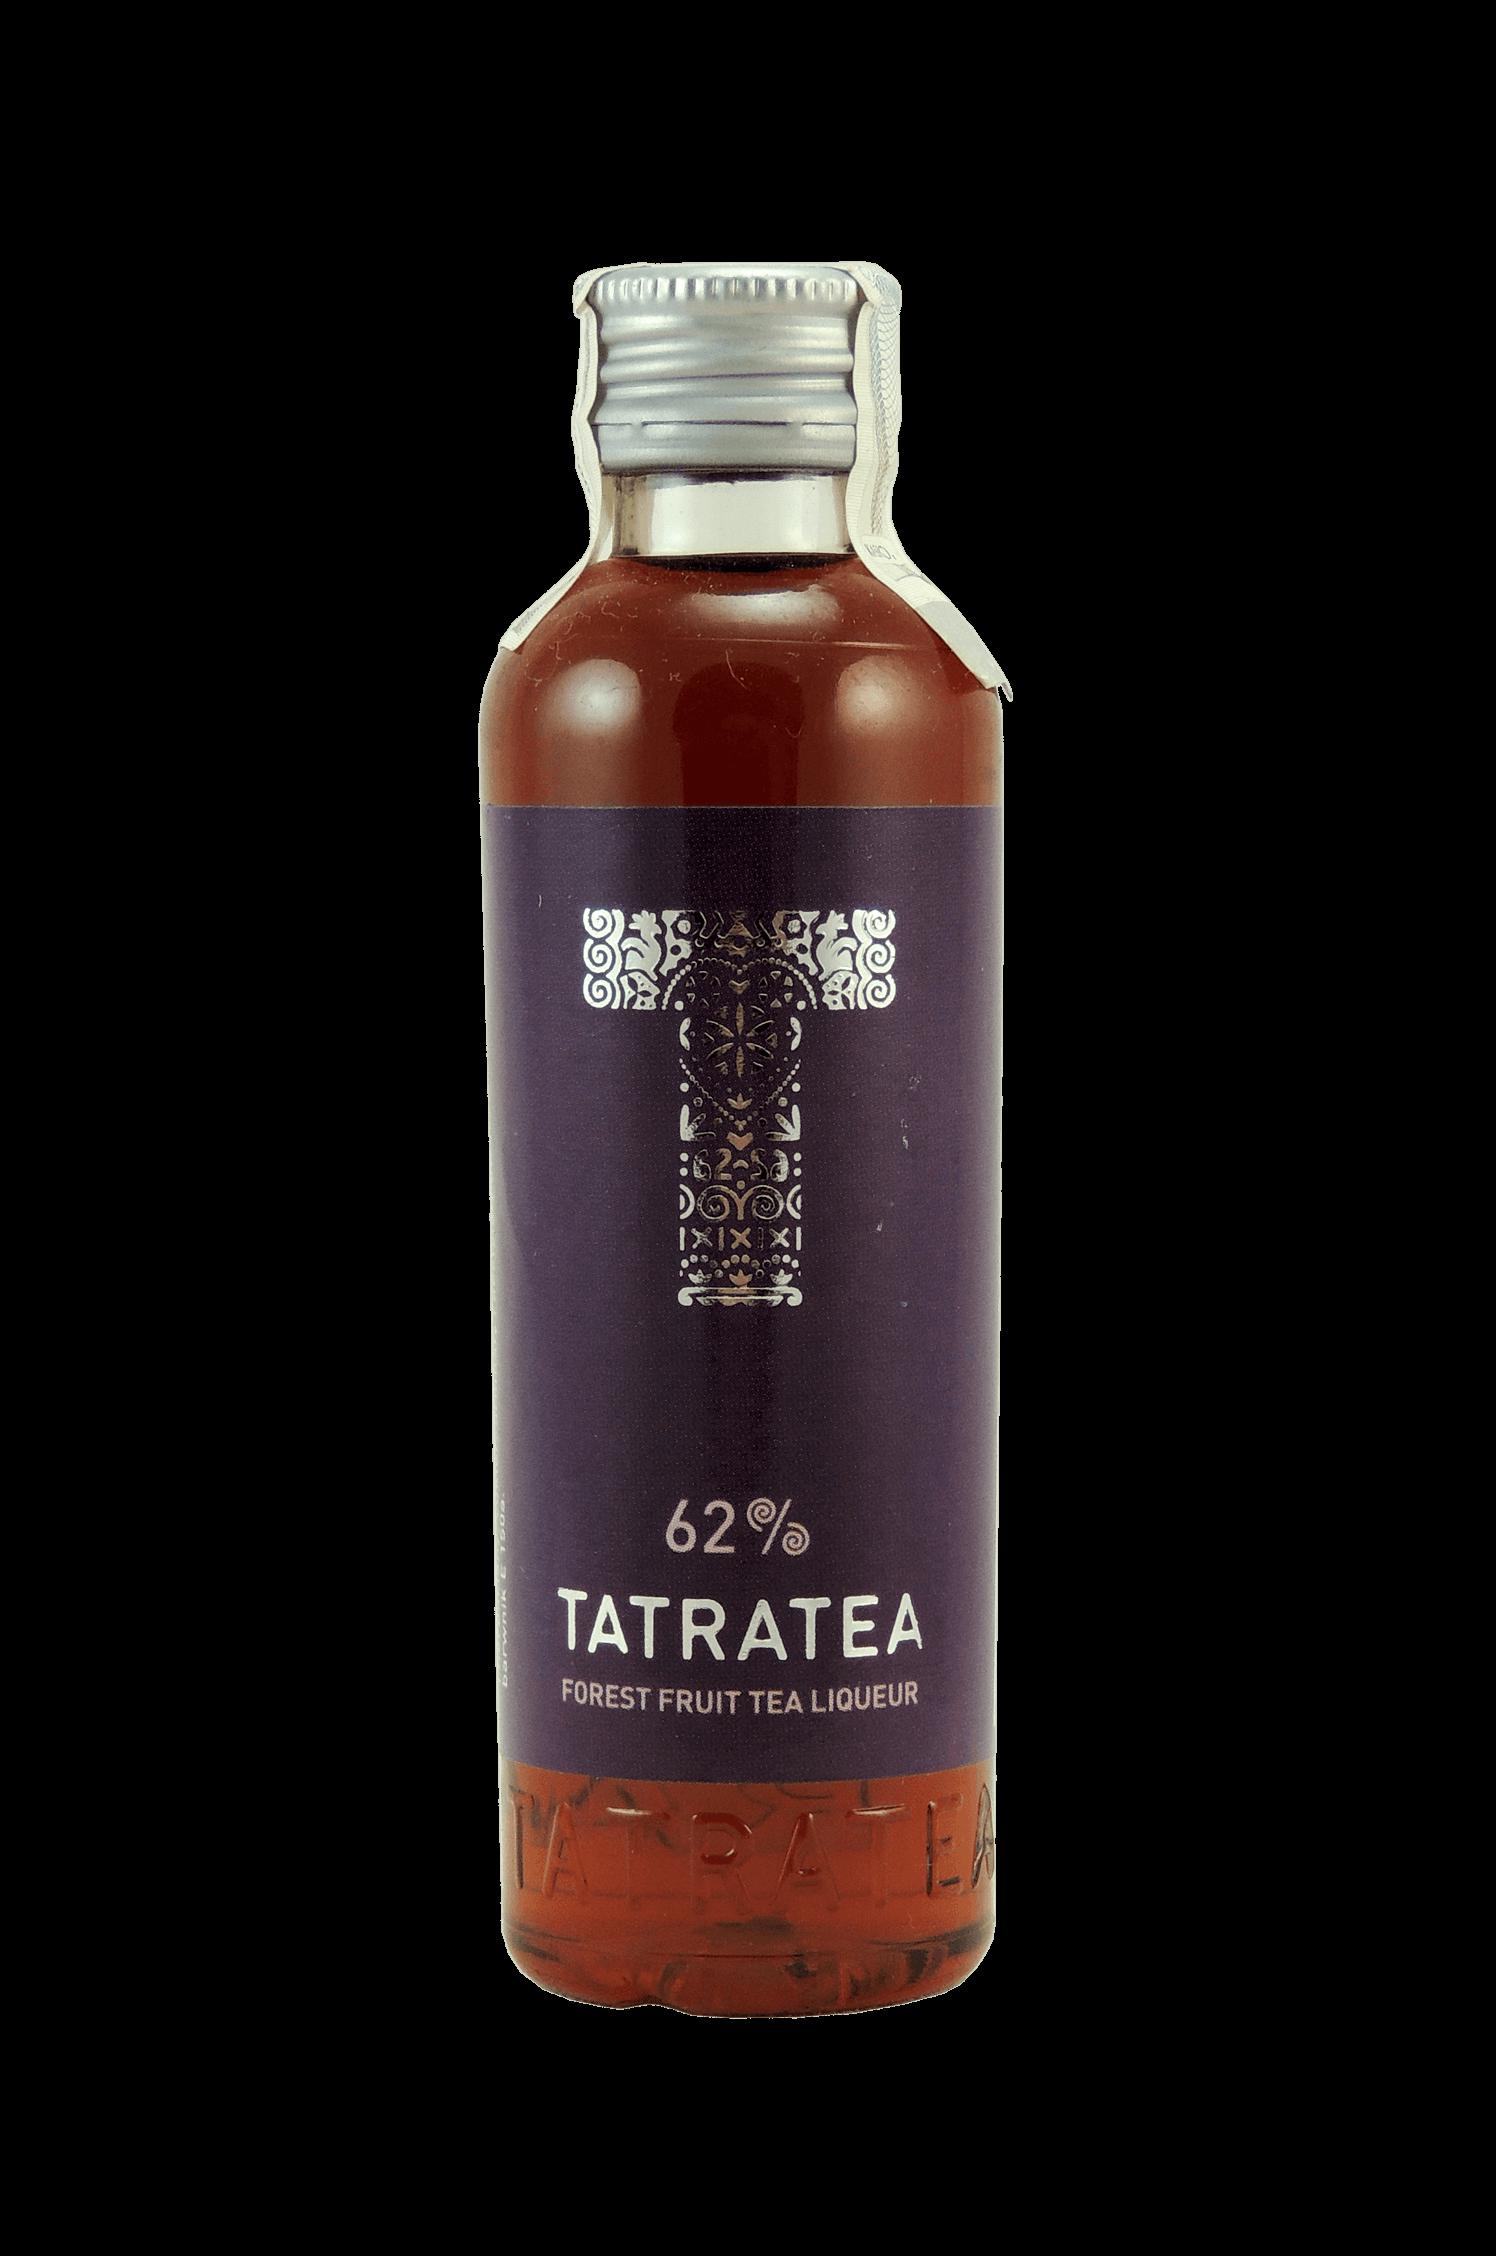 Tatratea Forest Fruit Tea